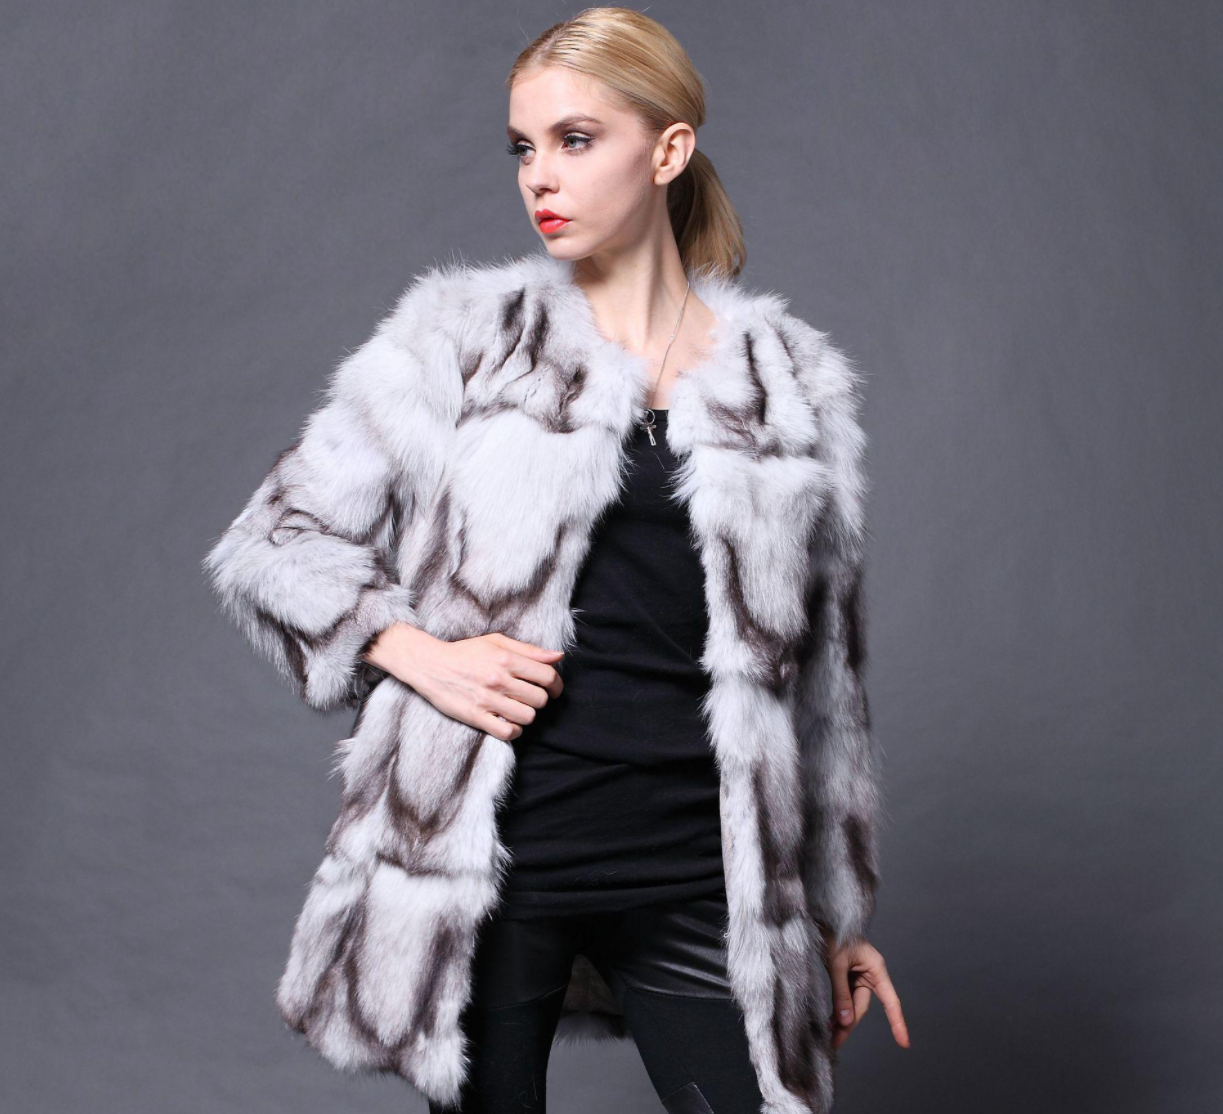 引领冬日着装新风潮 纯袖女装让优雅时尚与你相伴而行